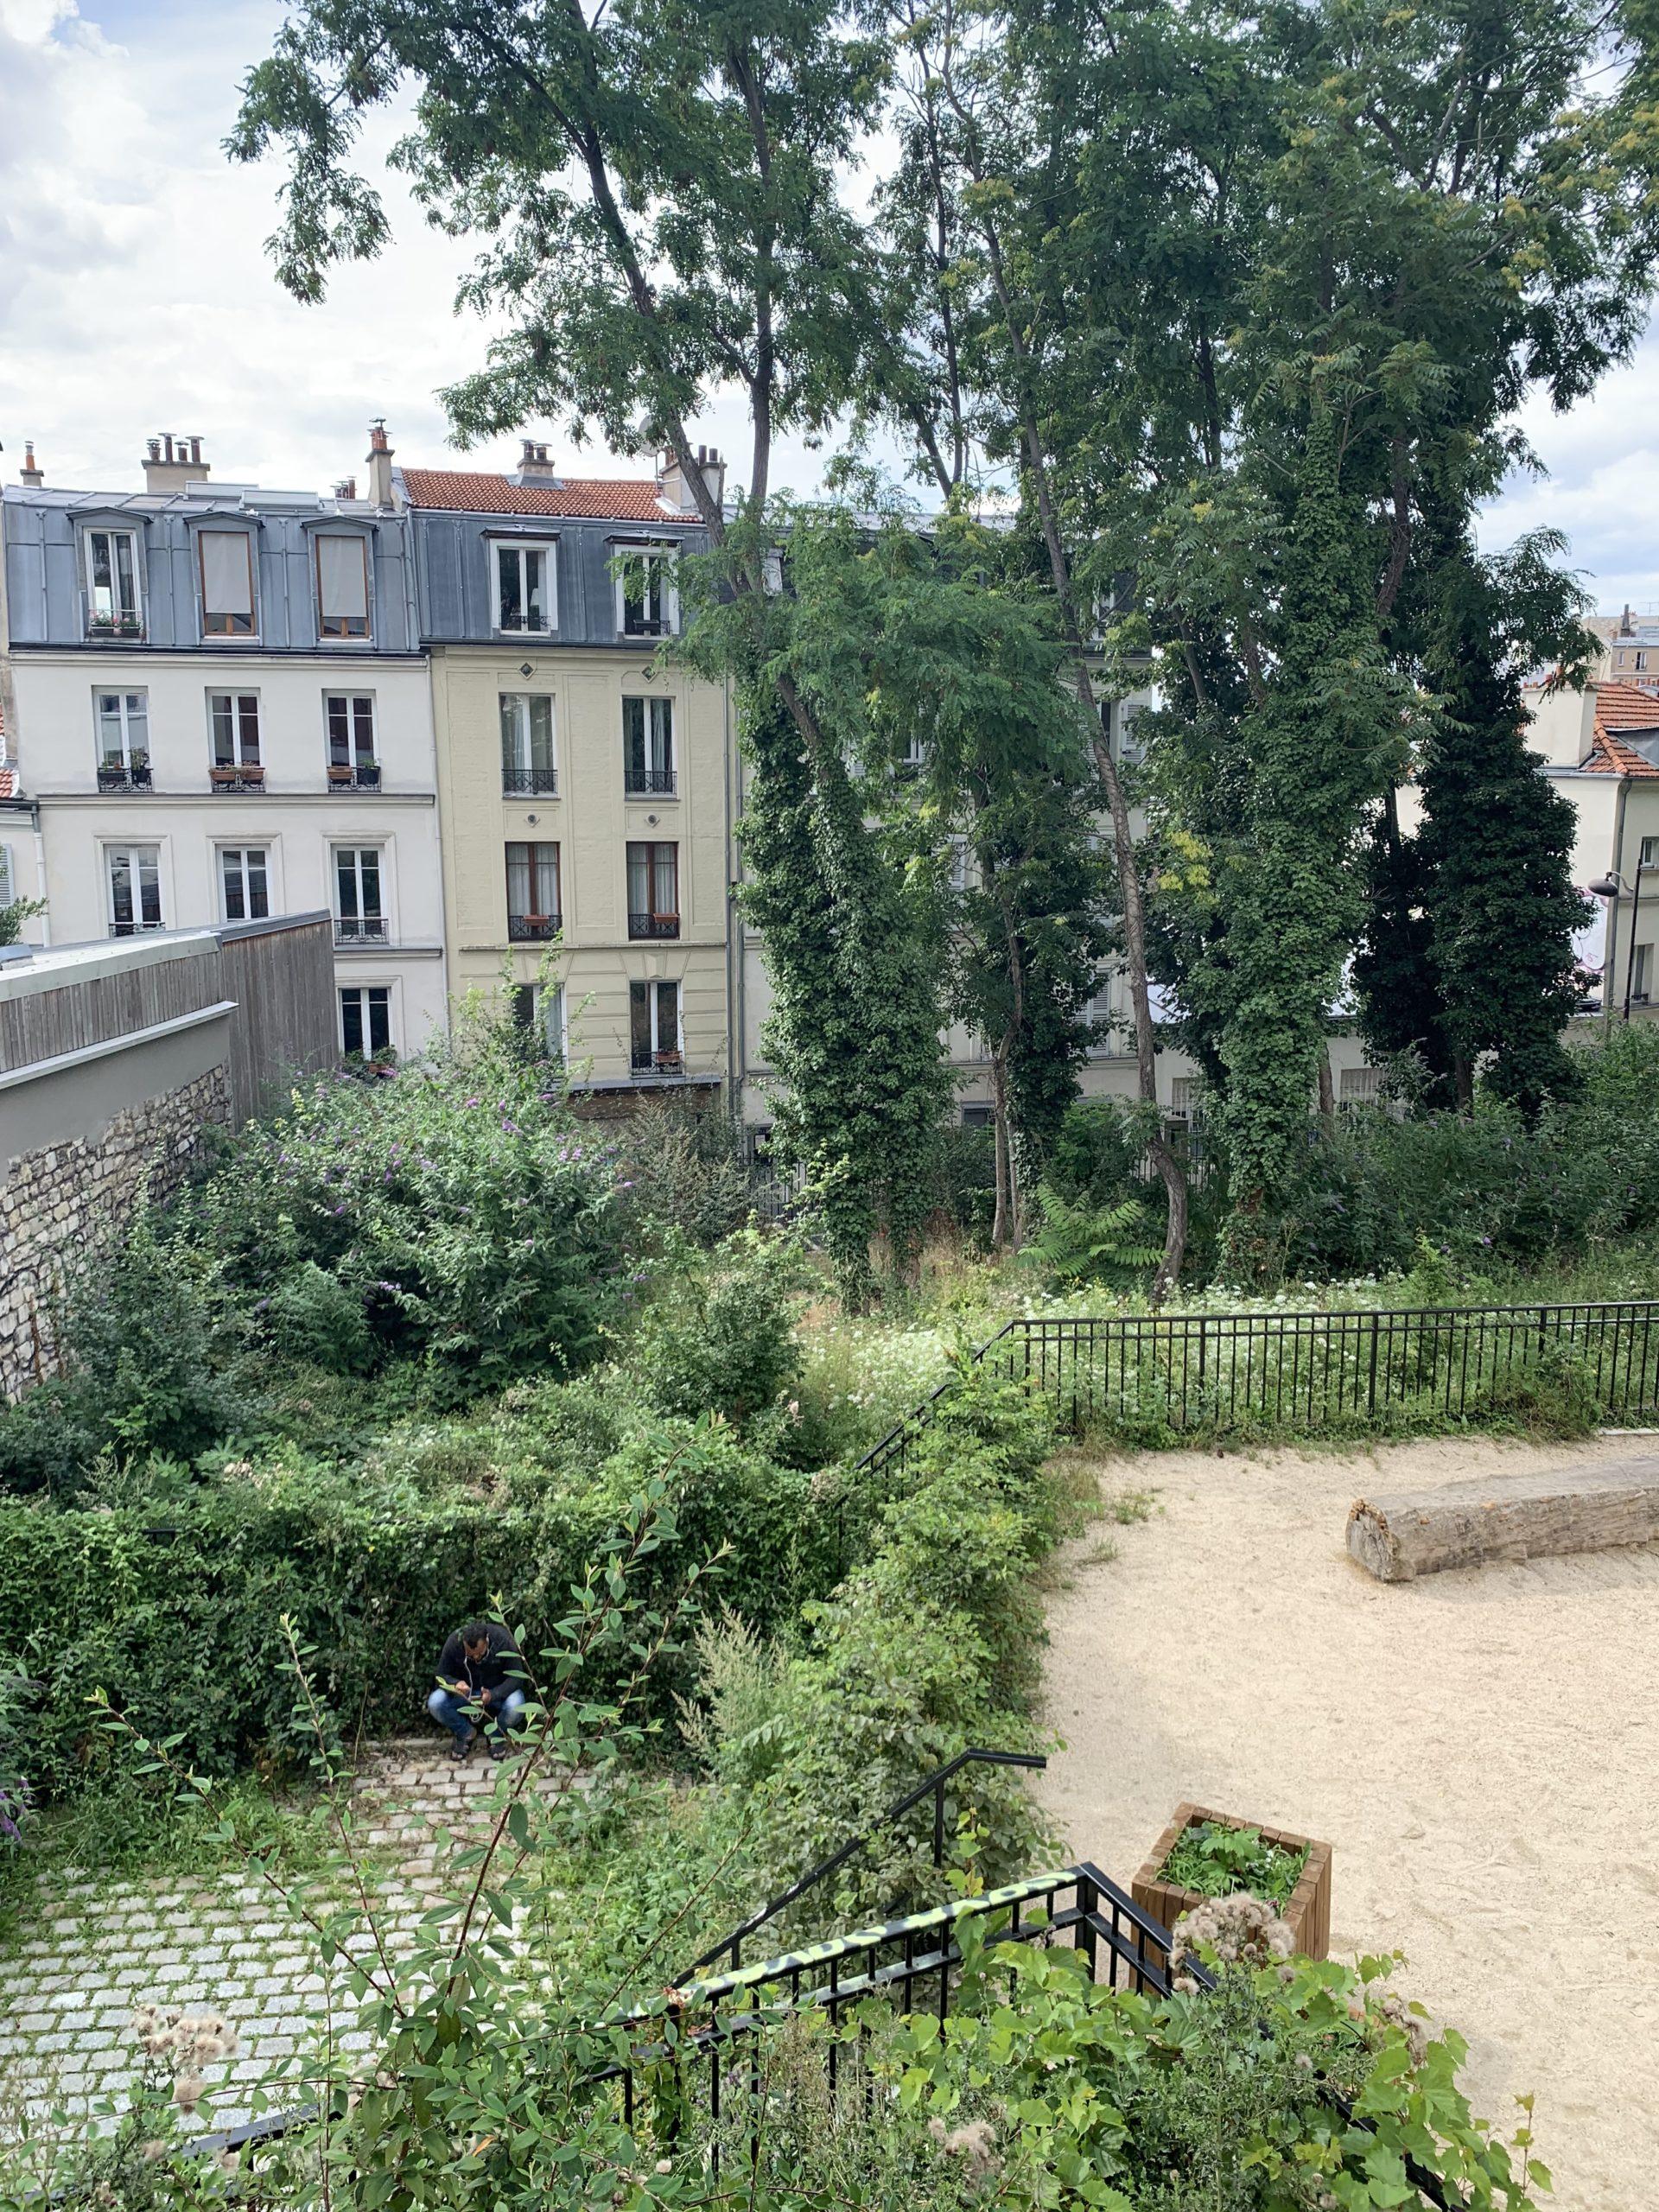 La petite histoire du Jardin des Petites Rigoles, inauguré en 2019